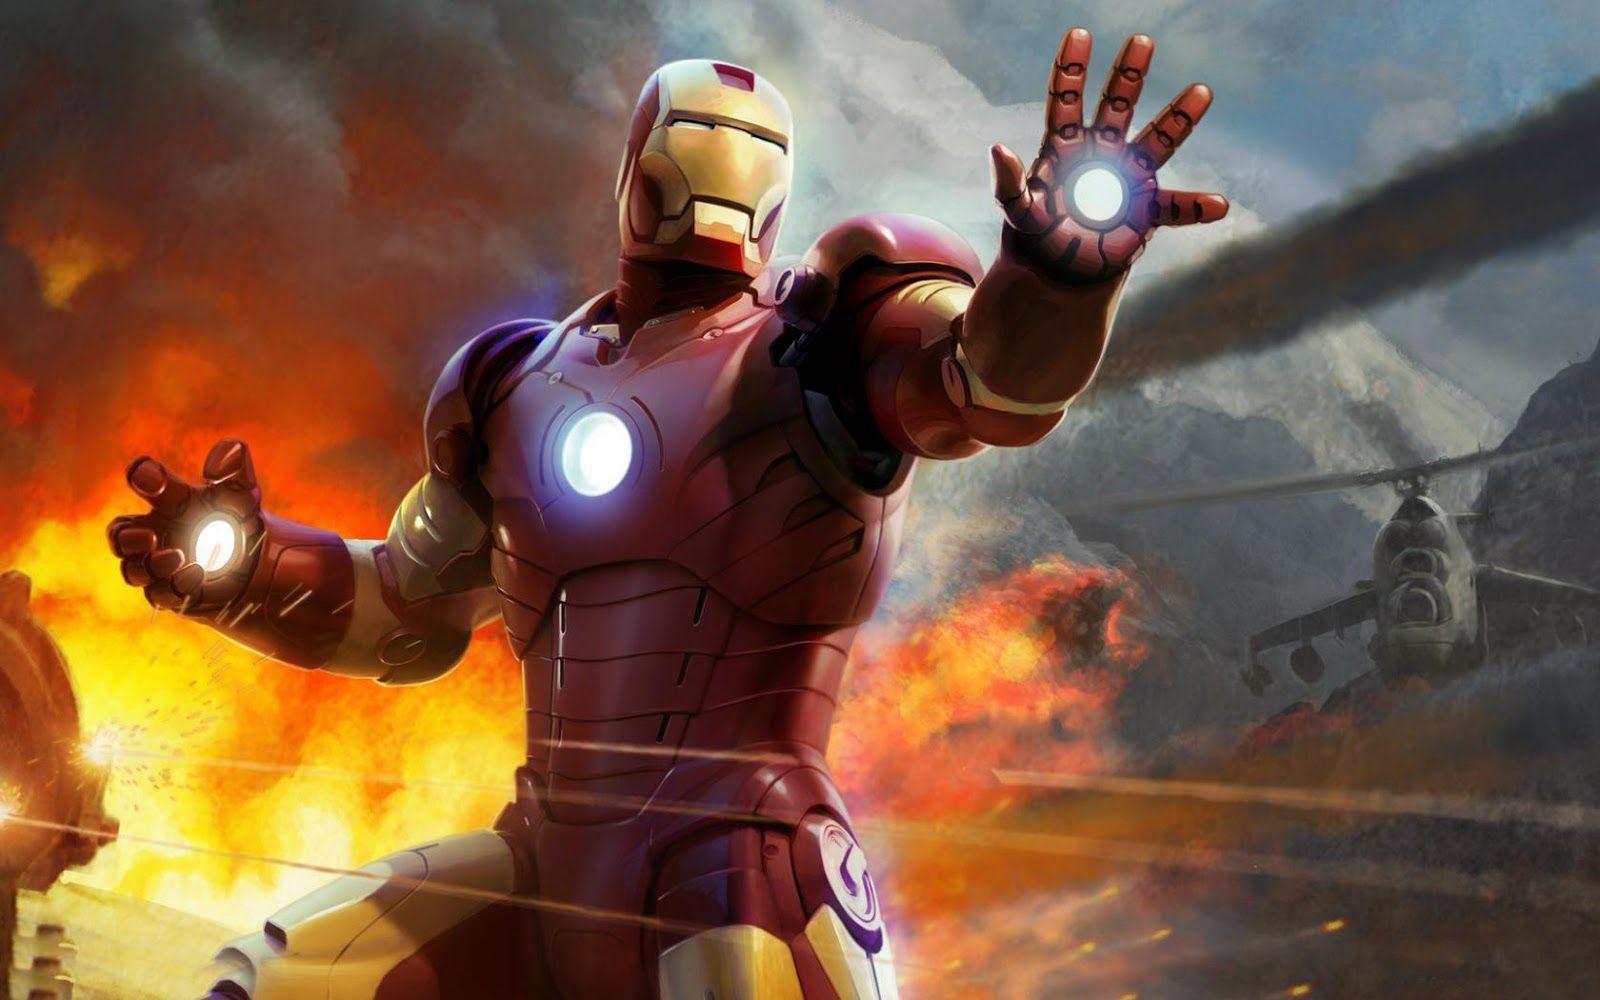 iron man wallpapers free download 1680×1050 iron man 3 wallpaper (44